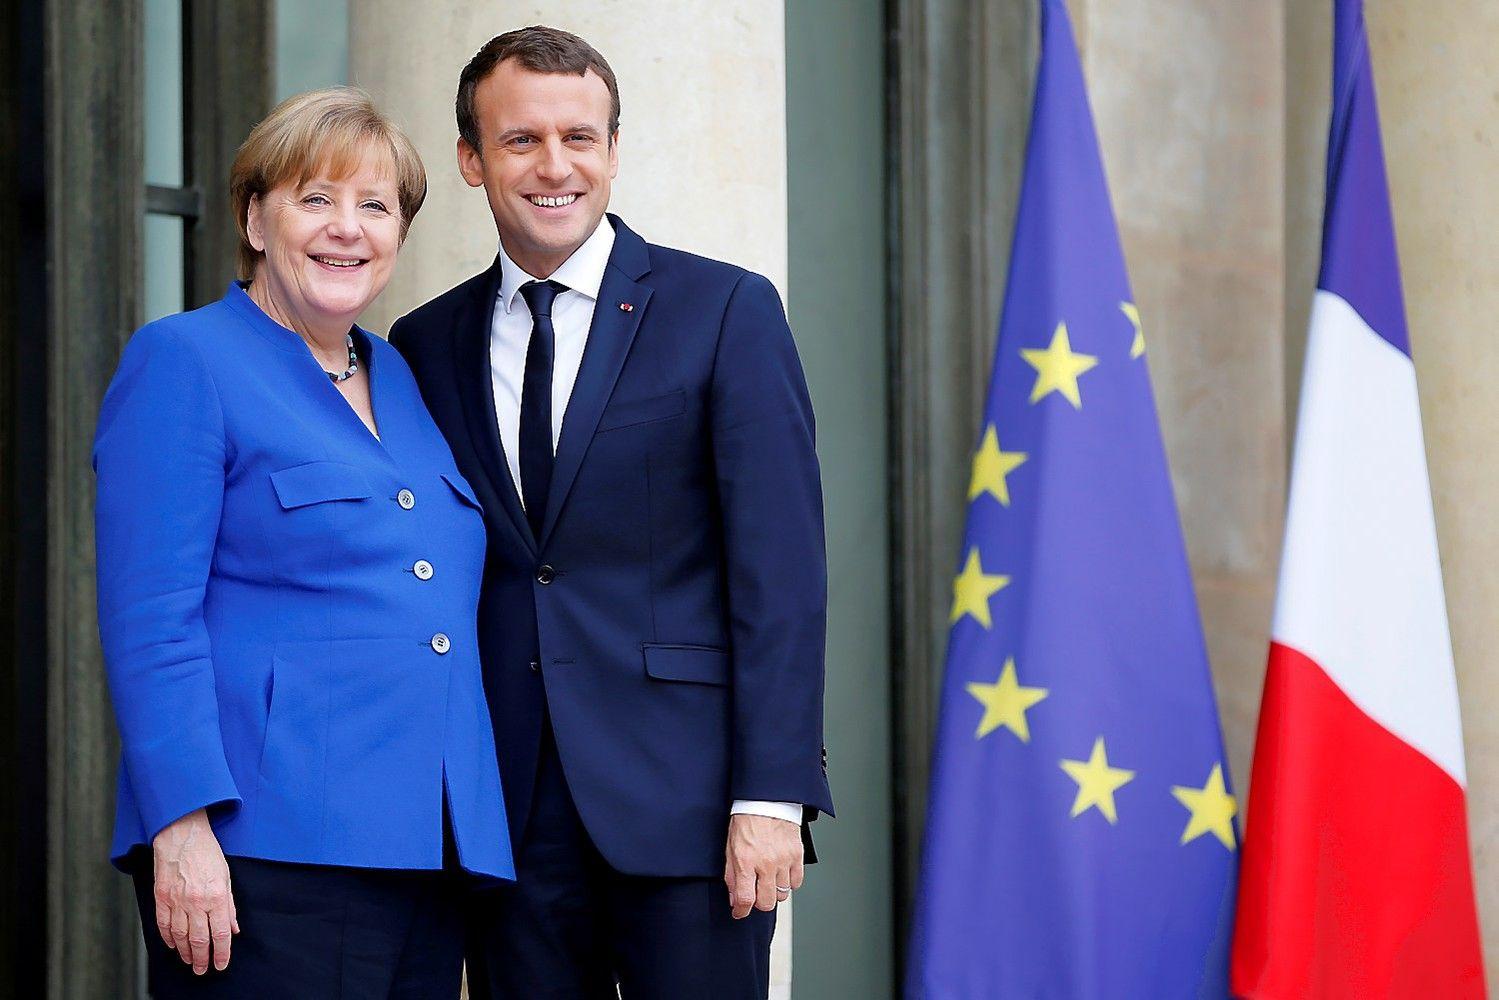 Prancūzija imasi iniciatyvos pažaboti mokesčių landas ES išnaudojančias įmones